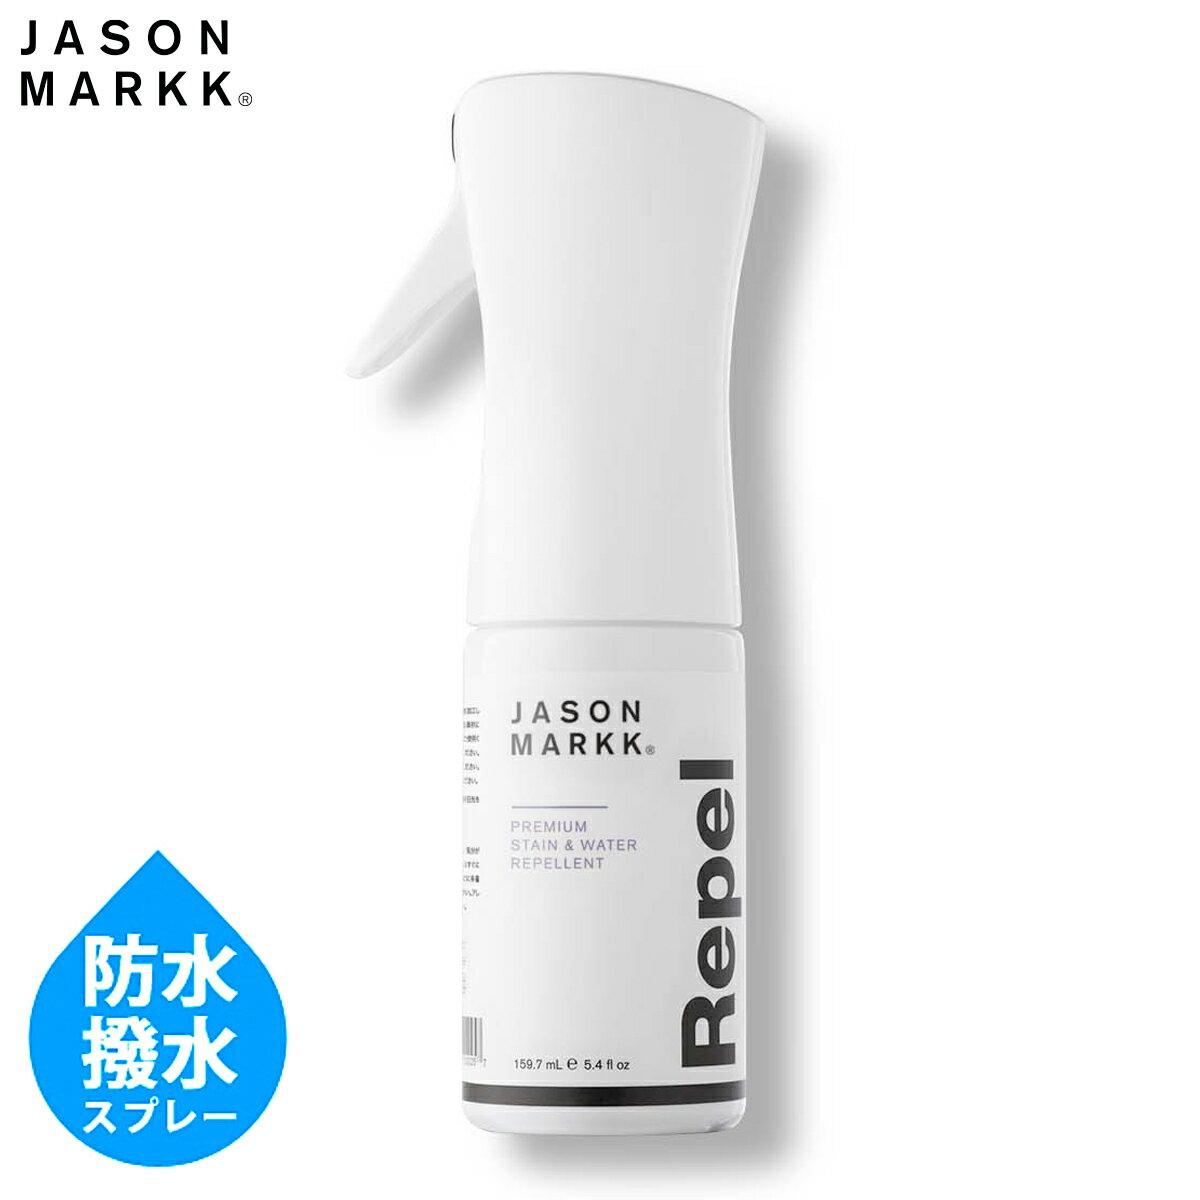 【送料無料】 防水スプレー JASON MARKK REPEL SPRAY ジェイソンマーク リペル スプレー 5.4oz. 159.7ml